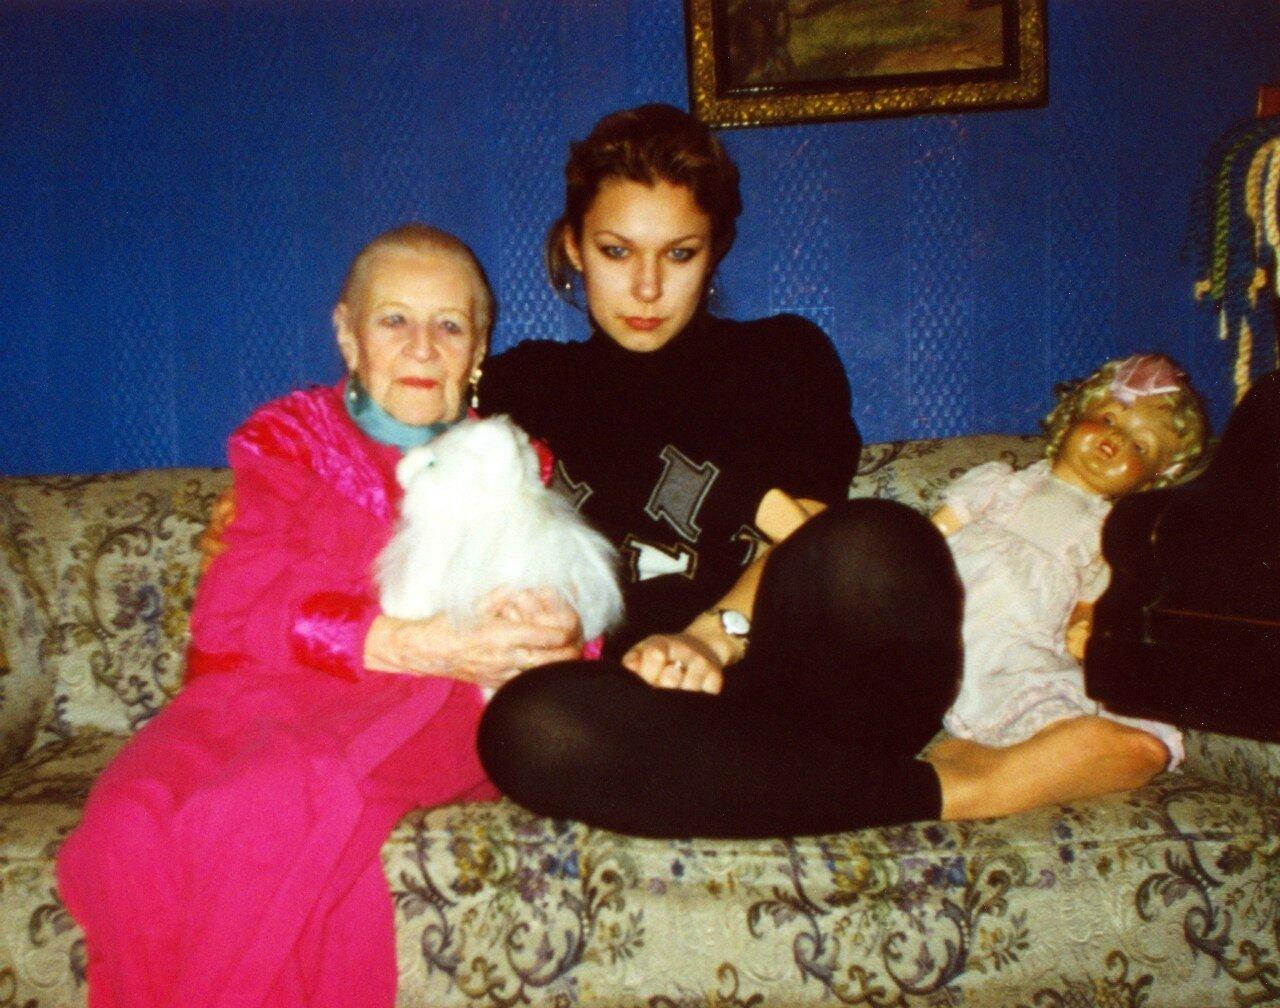 Изабелла Юрьева, 26 декабря 1996 год.